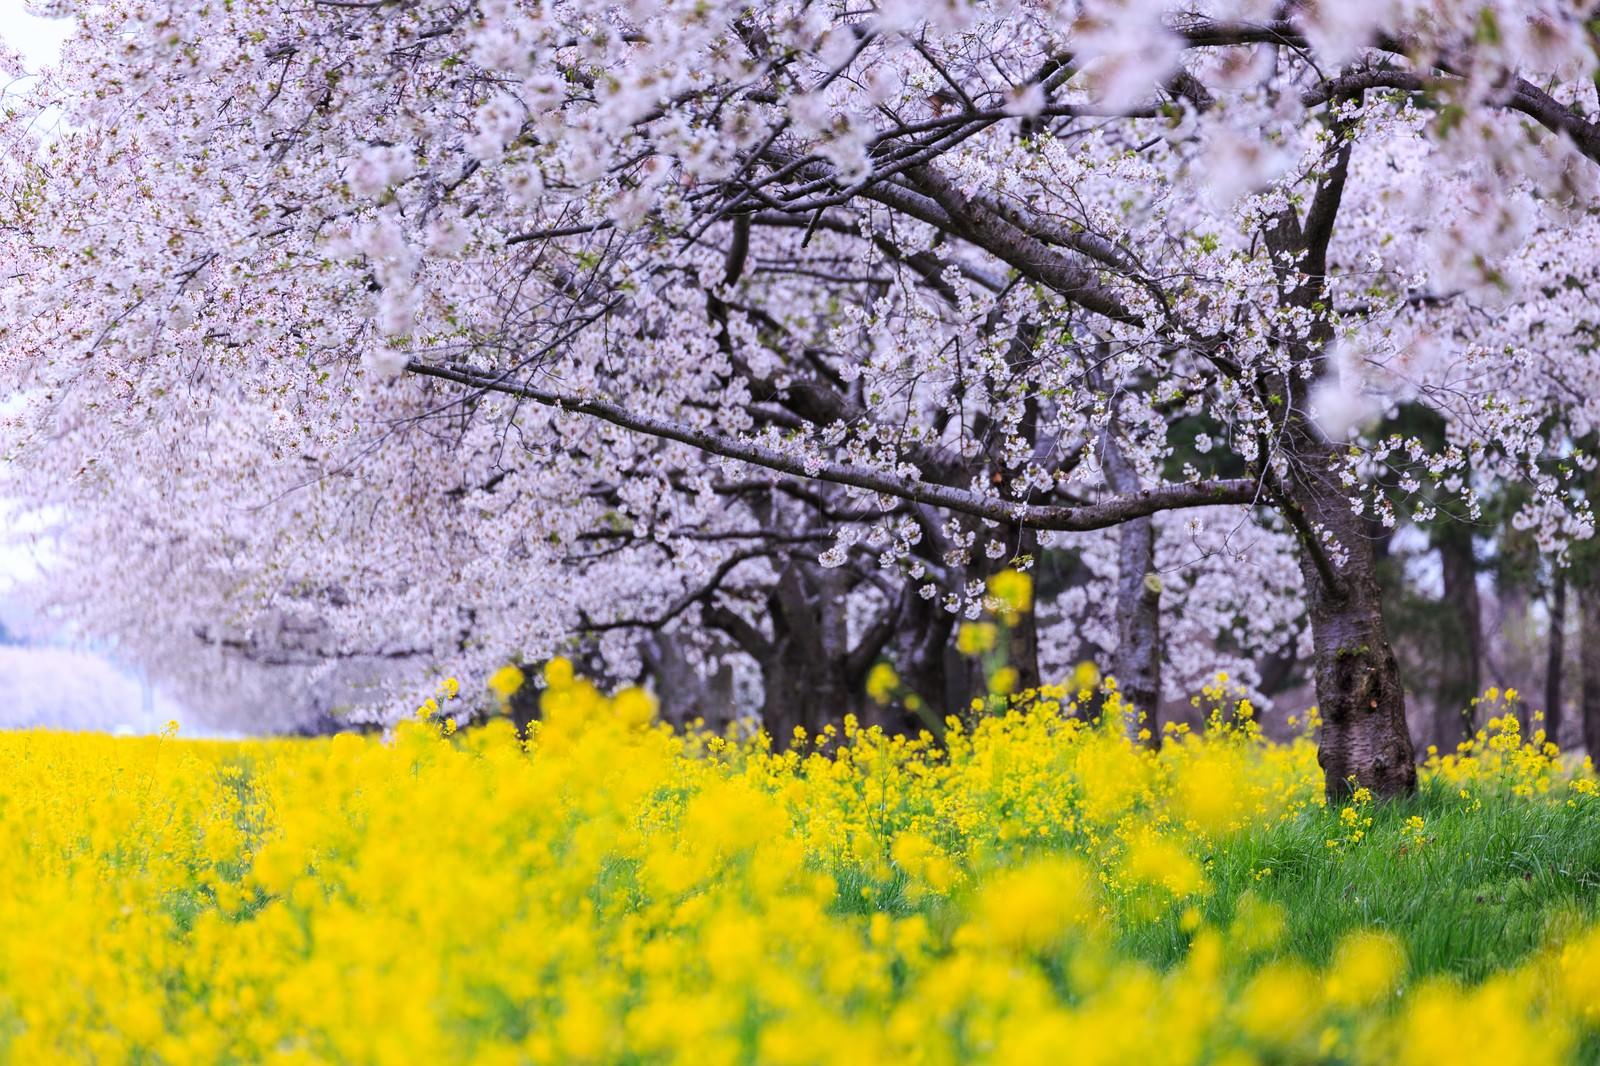 「大潟村菜の花ロード大潟村菜の花ロード」のフリー写真素材を拡大